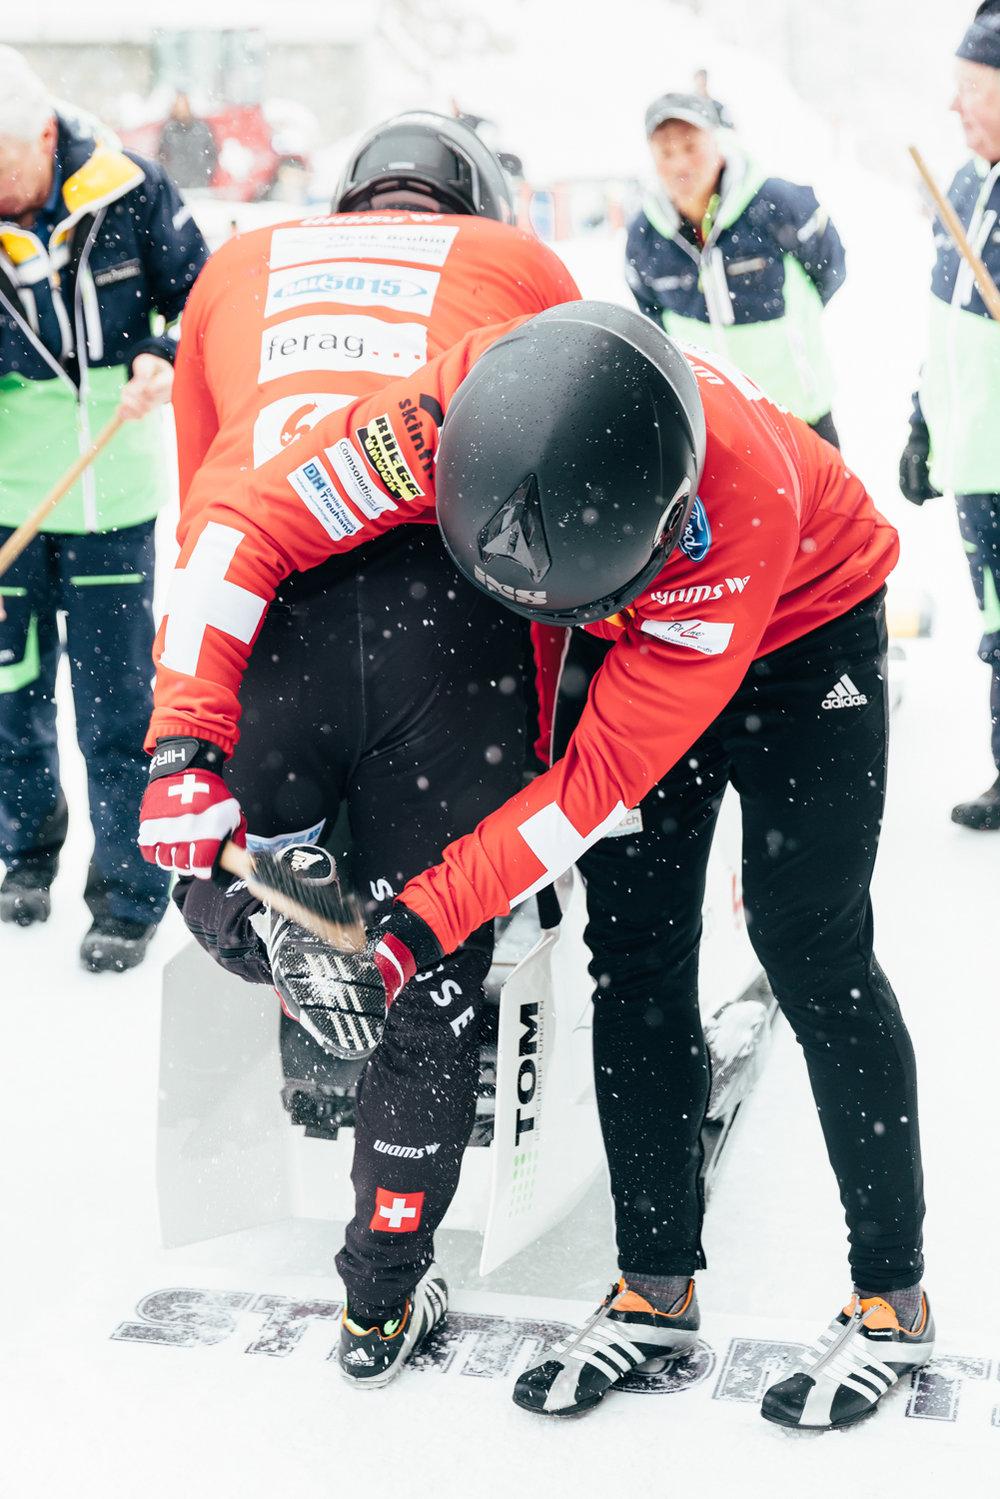 Bobsleigh_St_Moritz-5.jpg